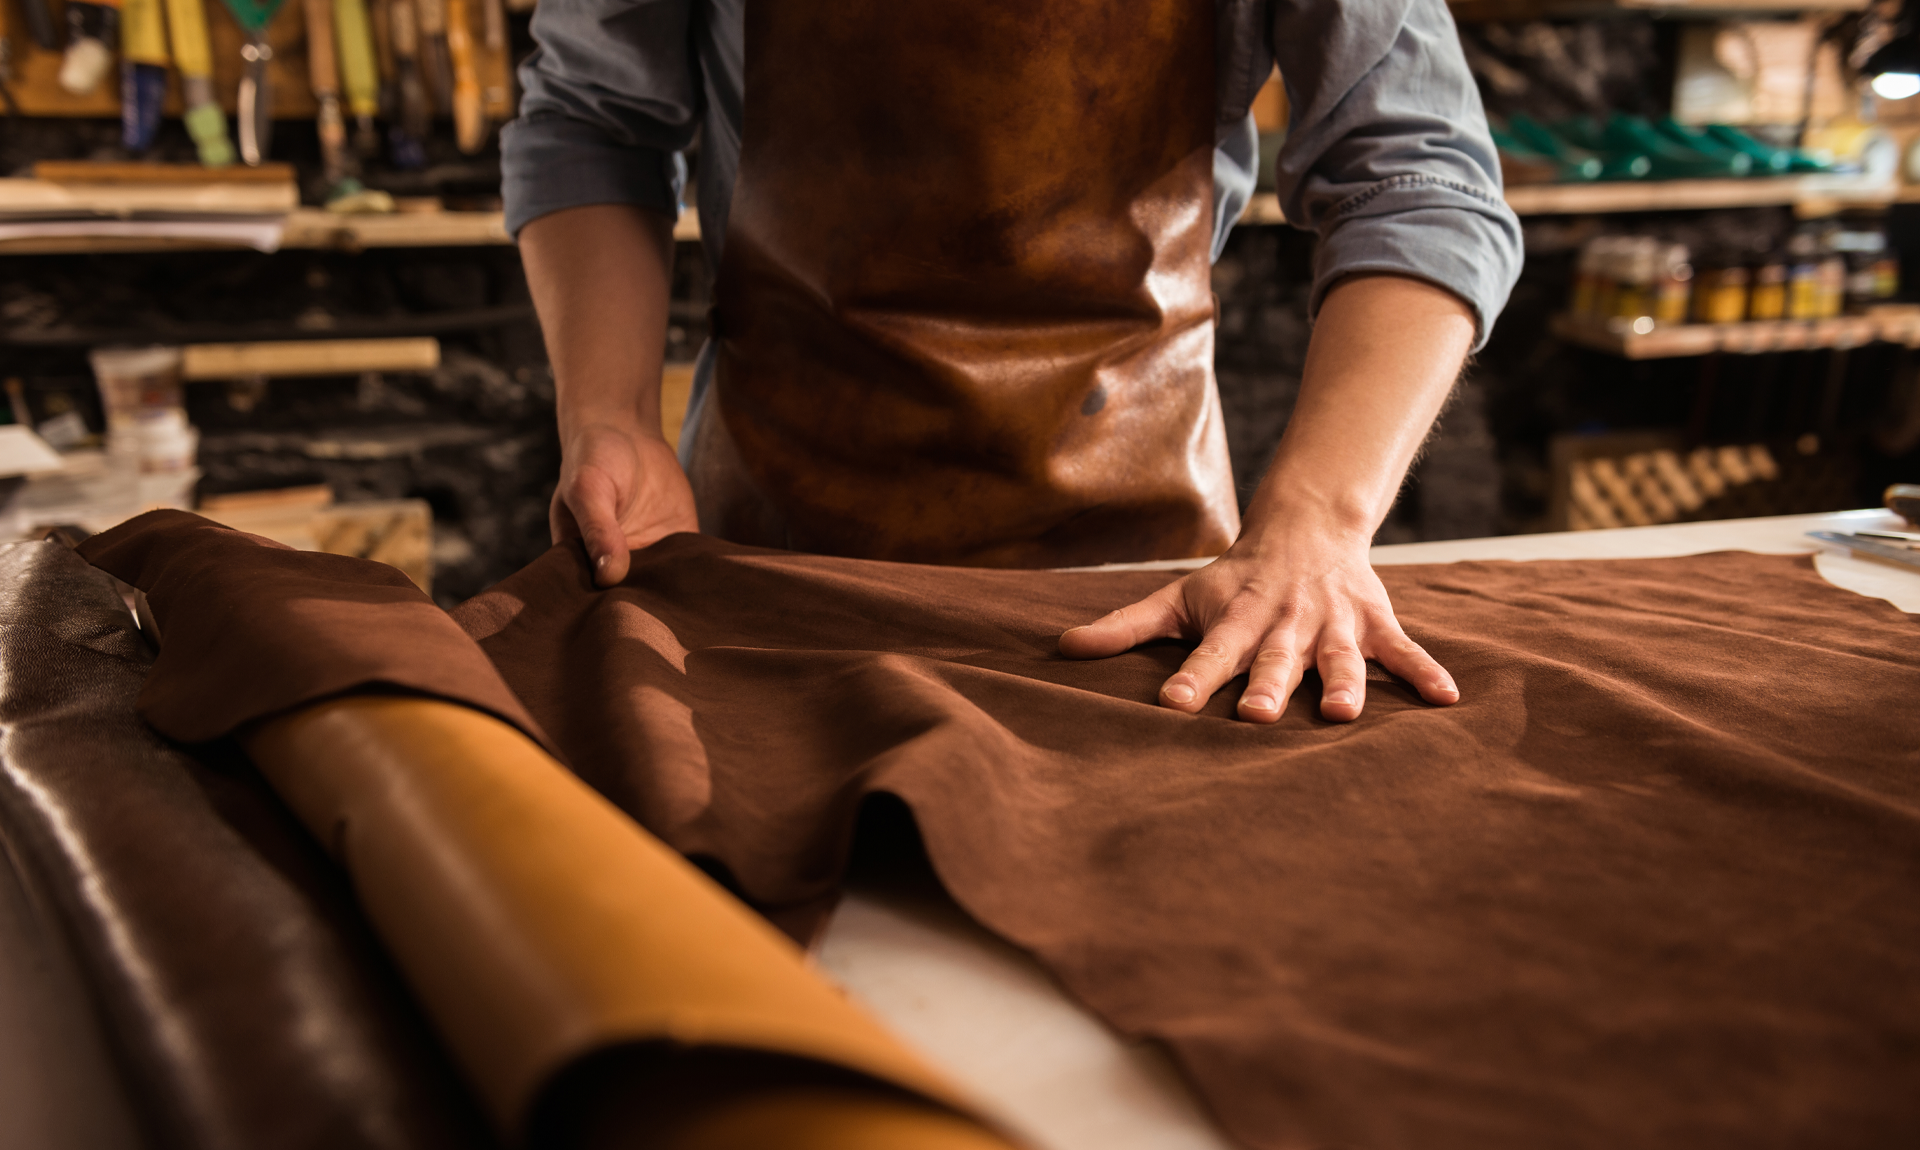 Pelletteria italiana: immagine di un artigiano al lavoro/ Image of an artisan working for Italian leather goods industry